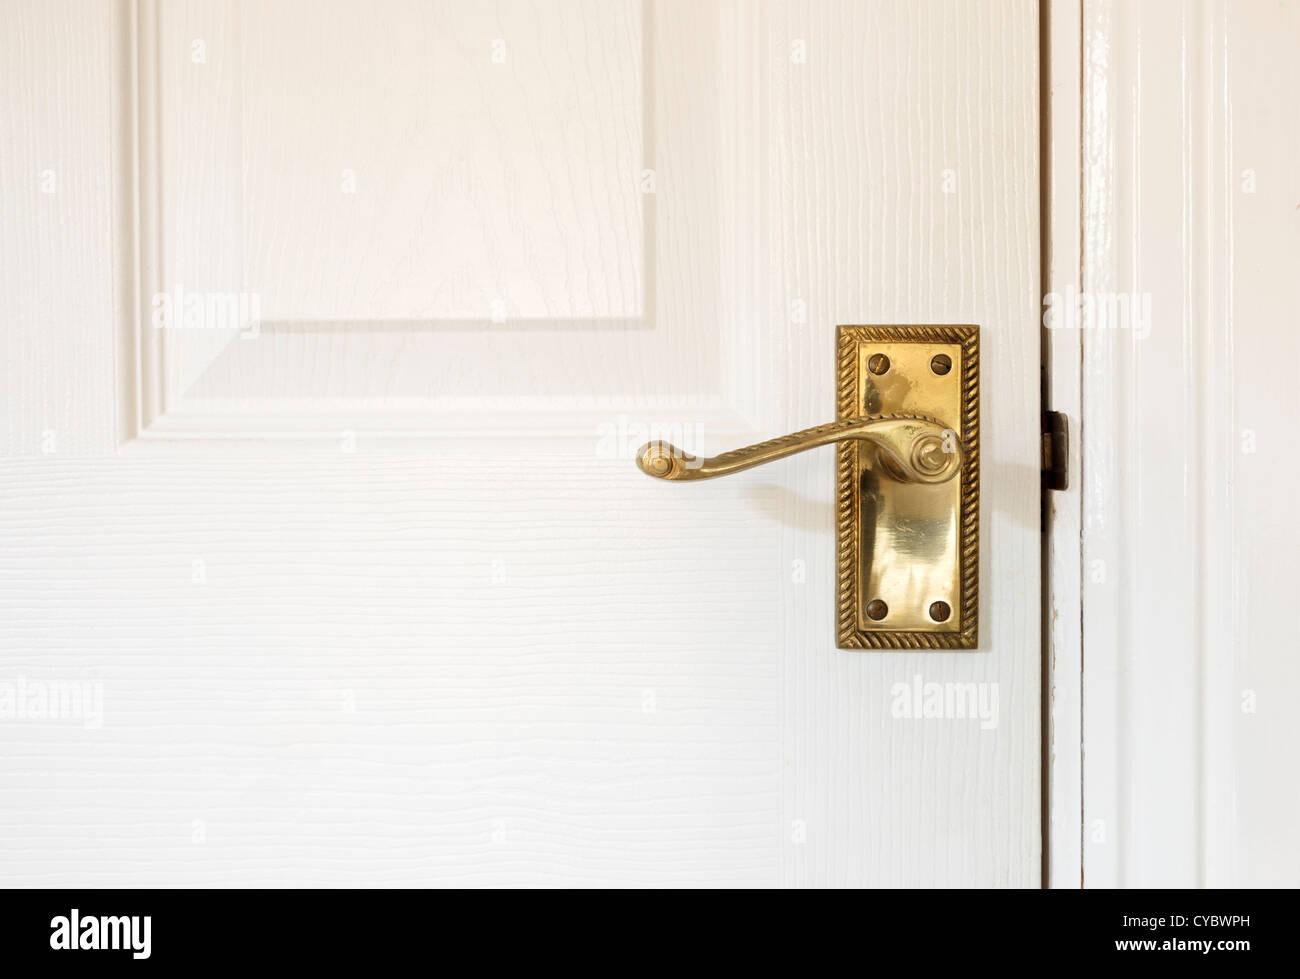 Interior door handle, UK - Stock Image